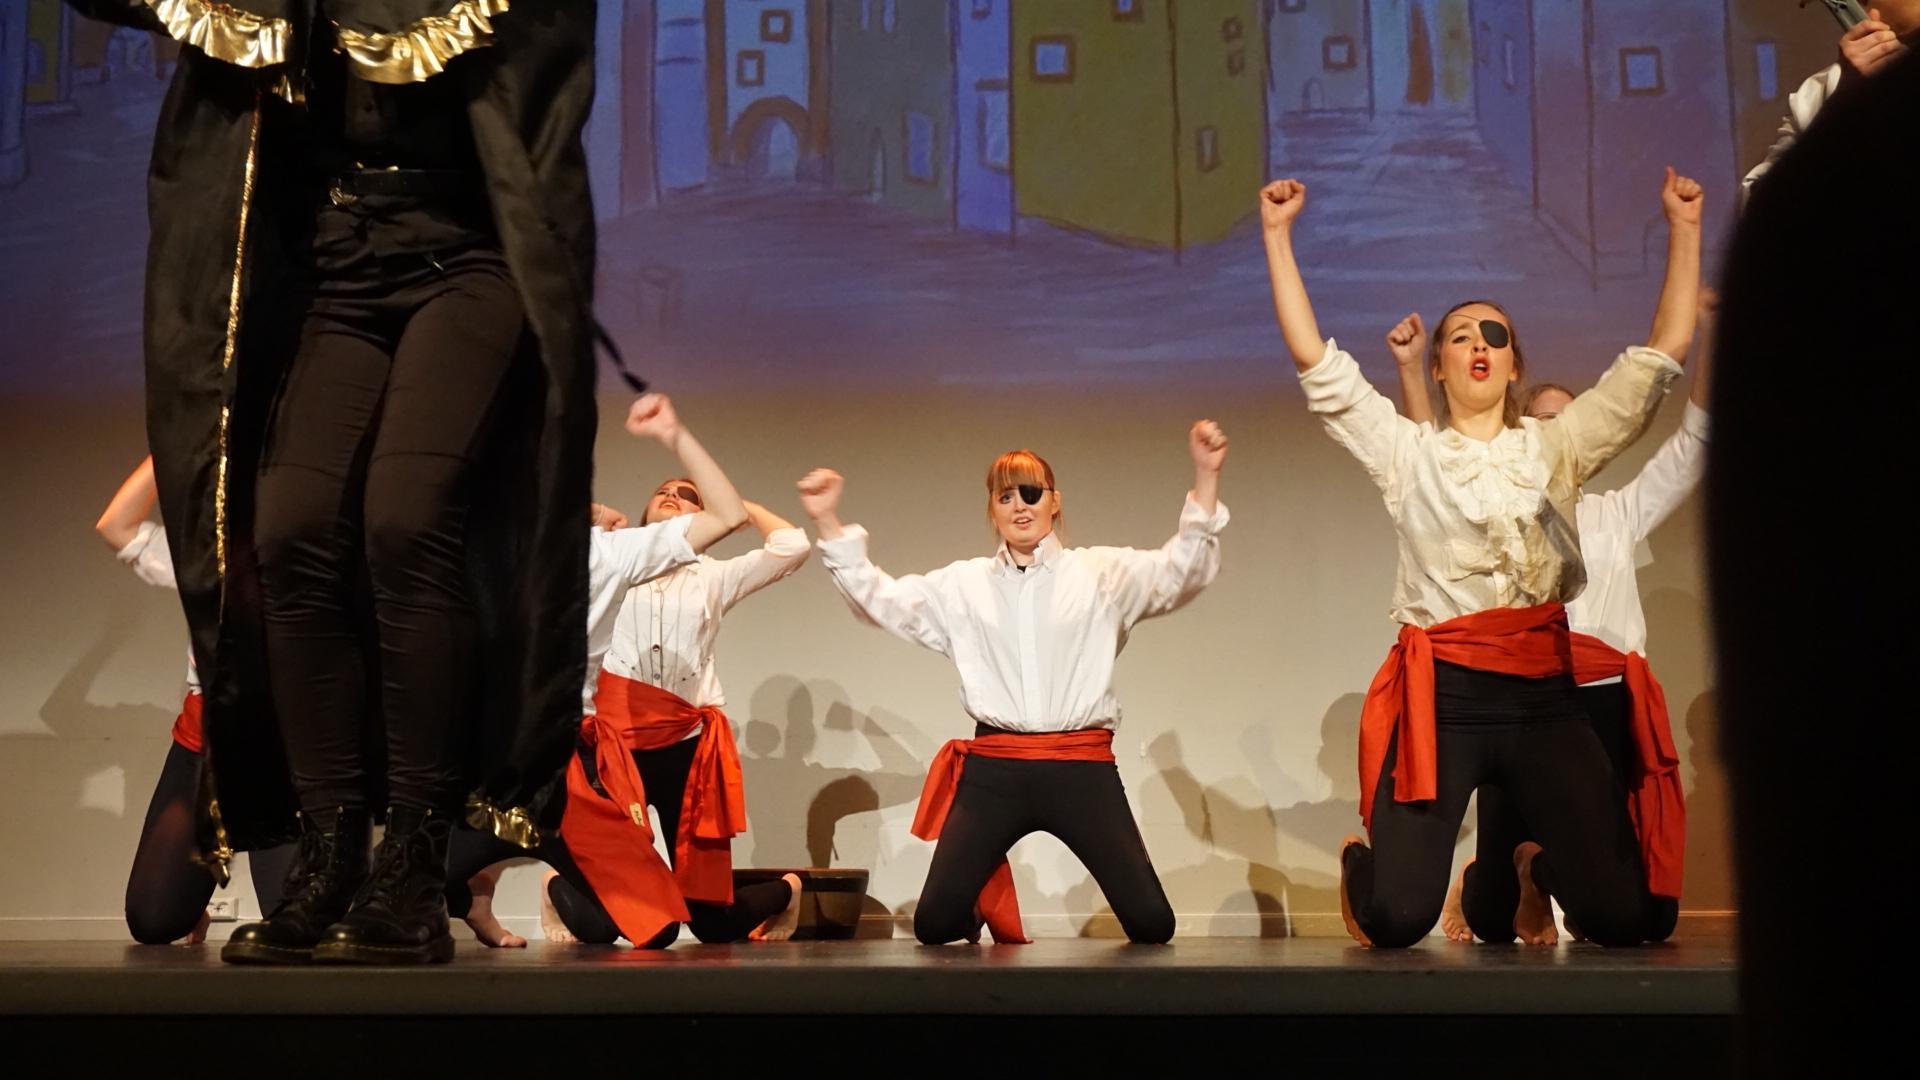 Jenny dans musikal Kardemommeby Ålesund folkehøgskole